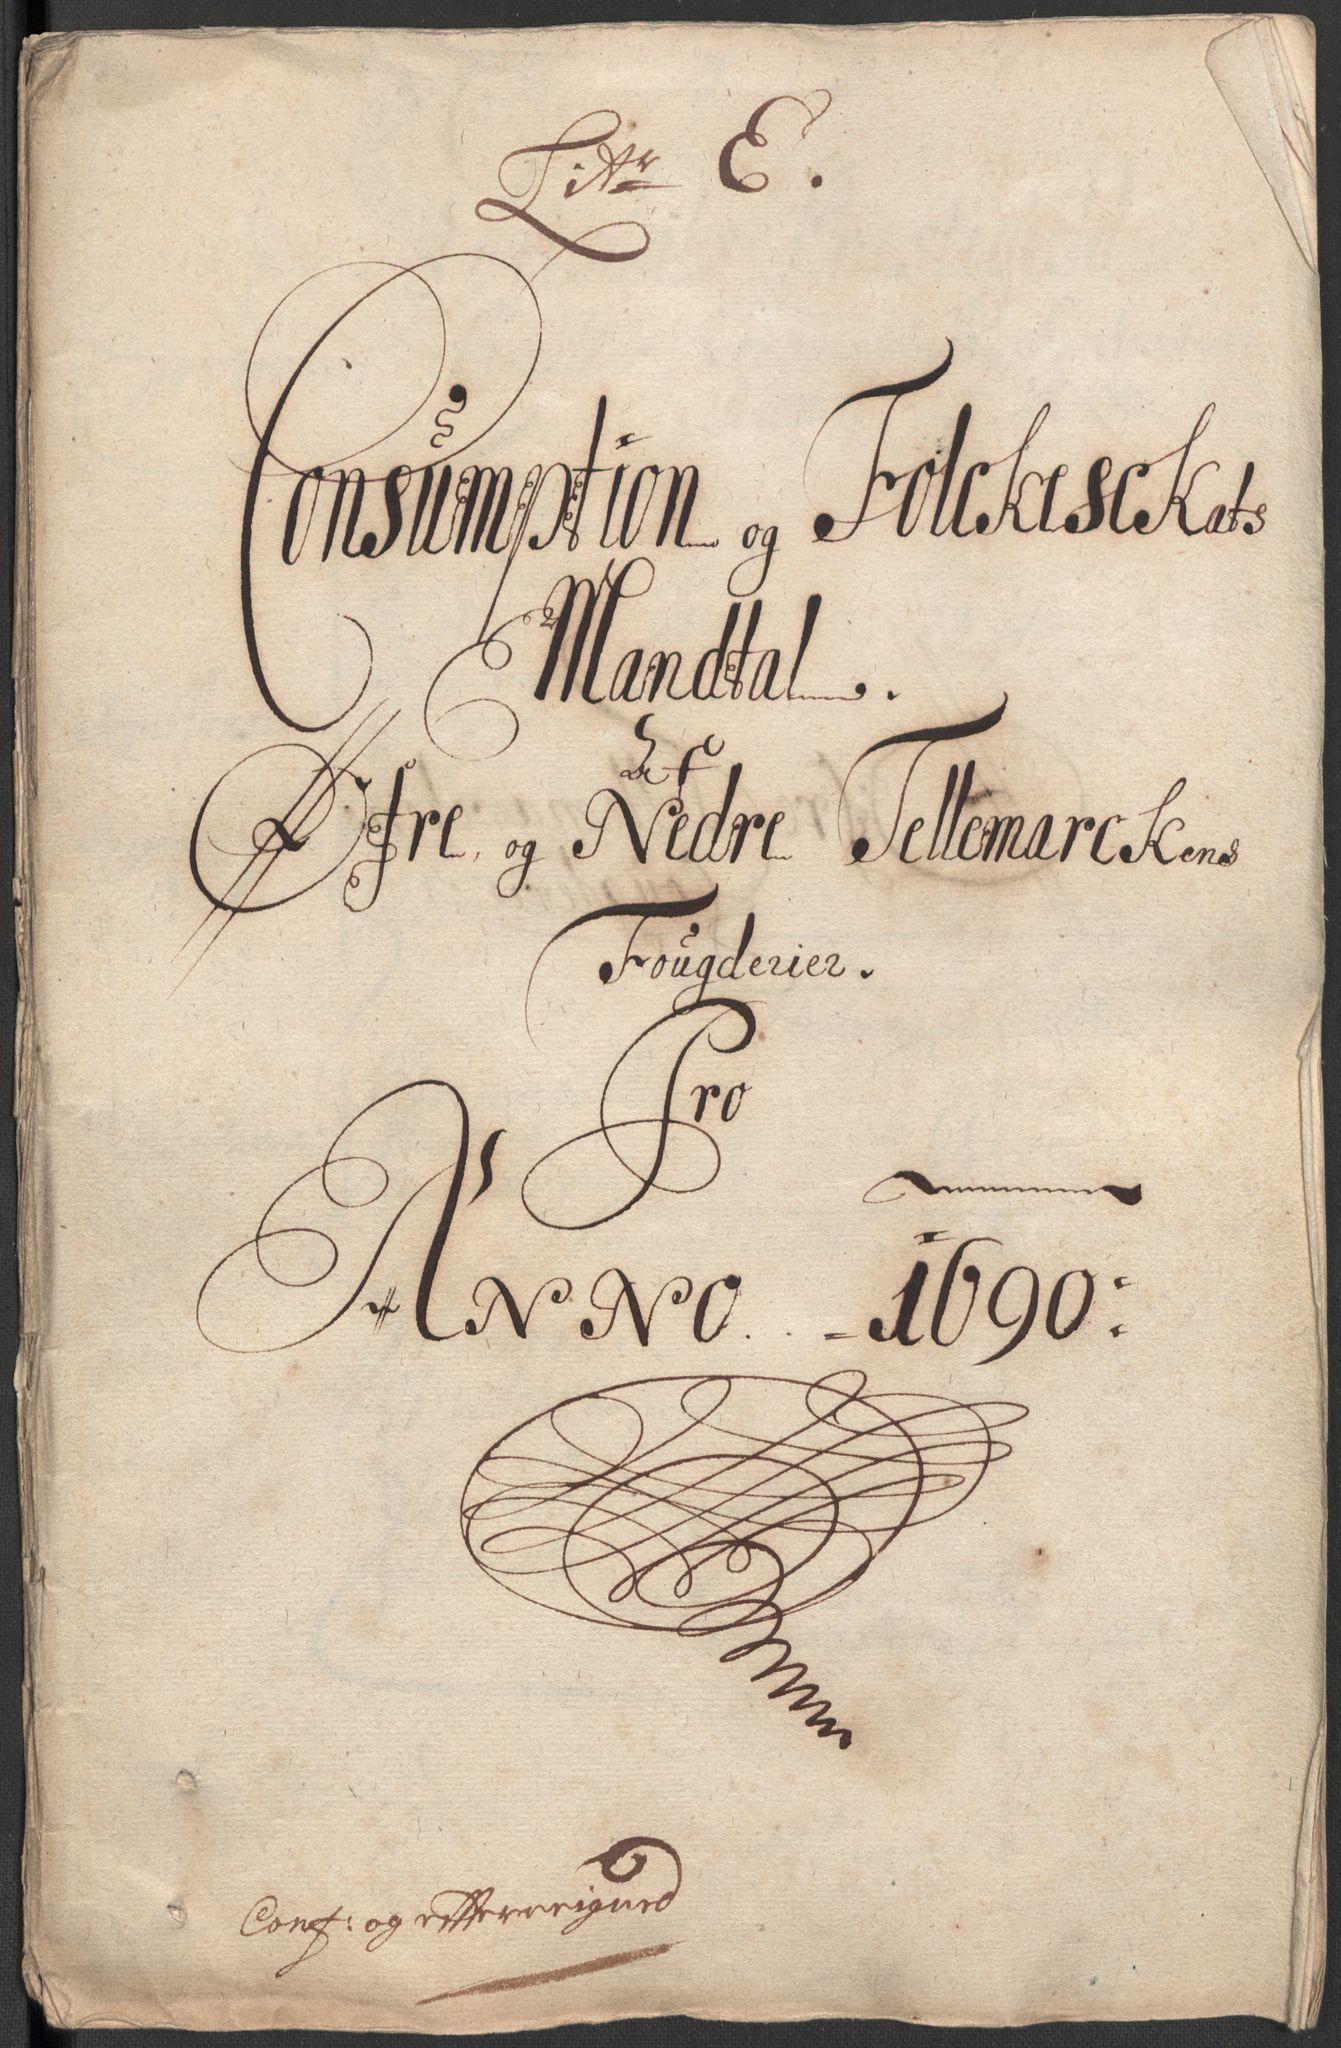 RA, Rentekammeret inntil 1814, Reviderte regnskaper, Fogderegnskap, R35/L2089: Fogderegnskap Øvre og Nedre Telemark, 1690-1692, s. 74